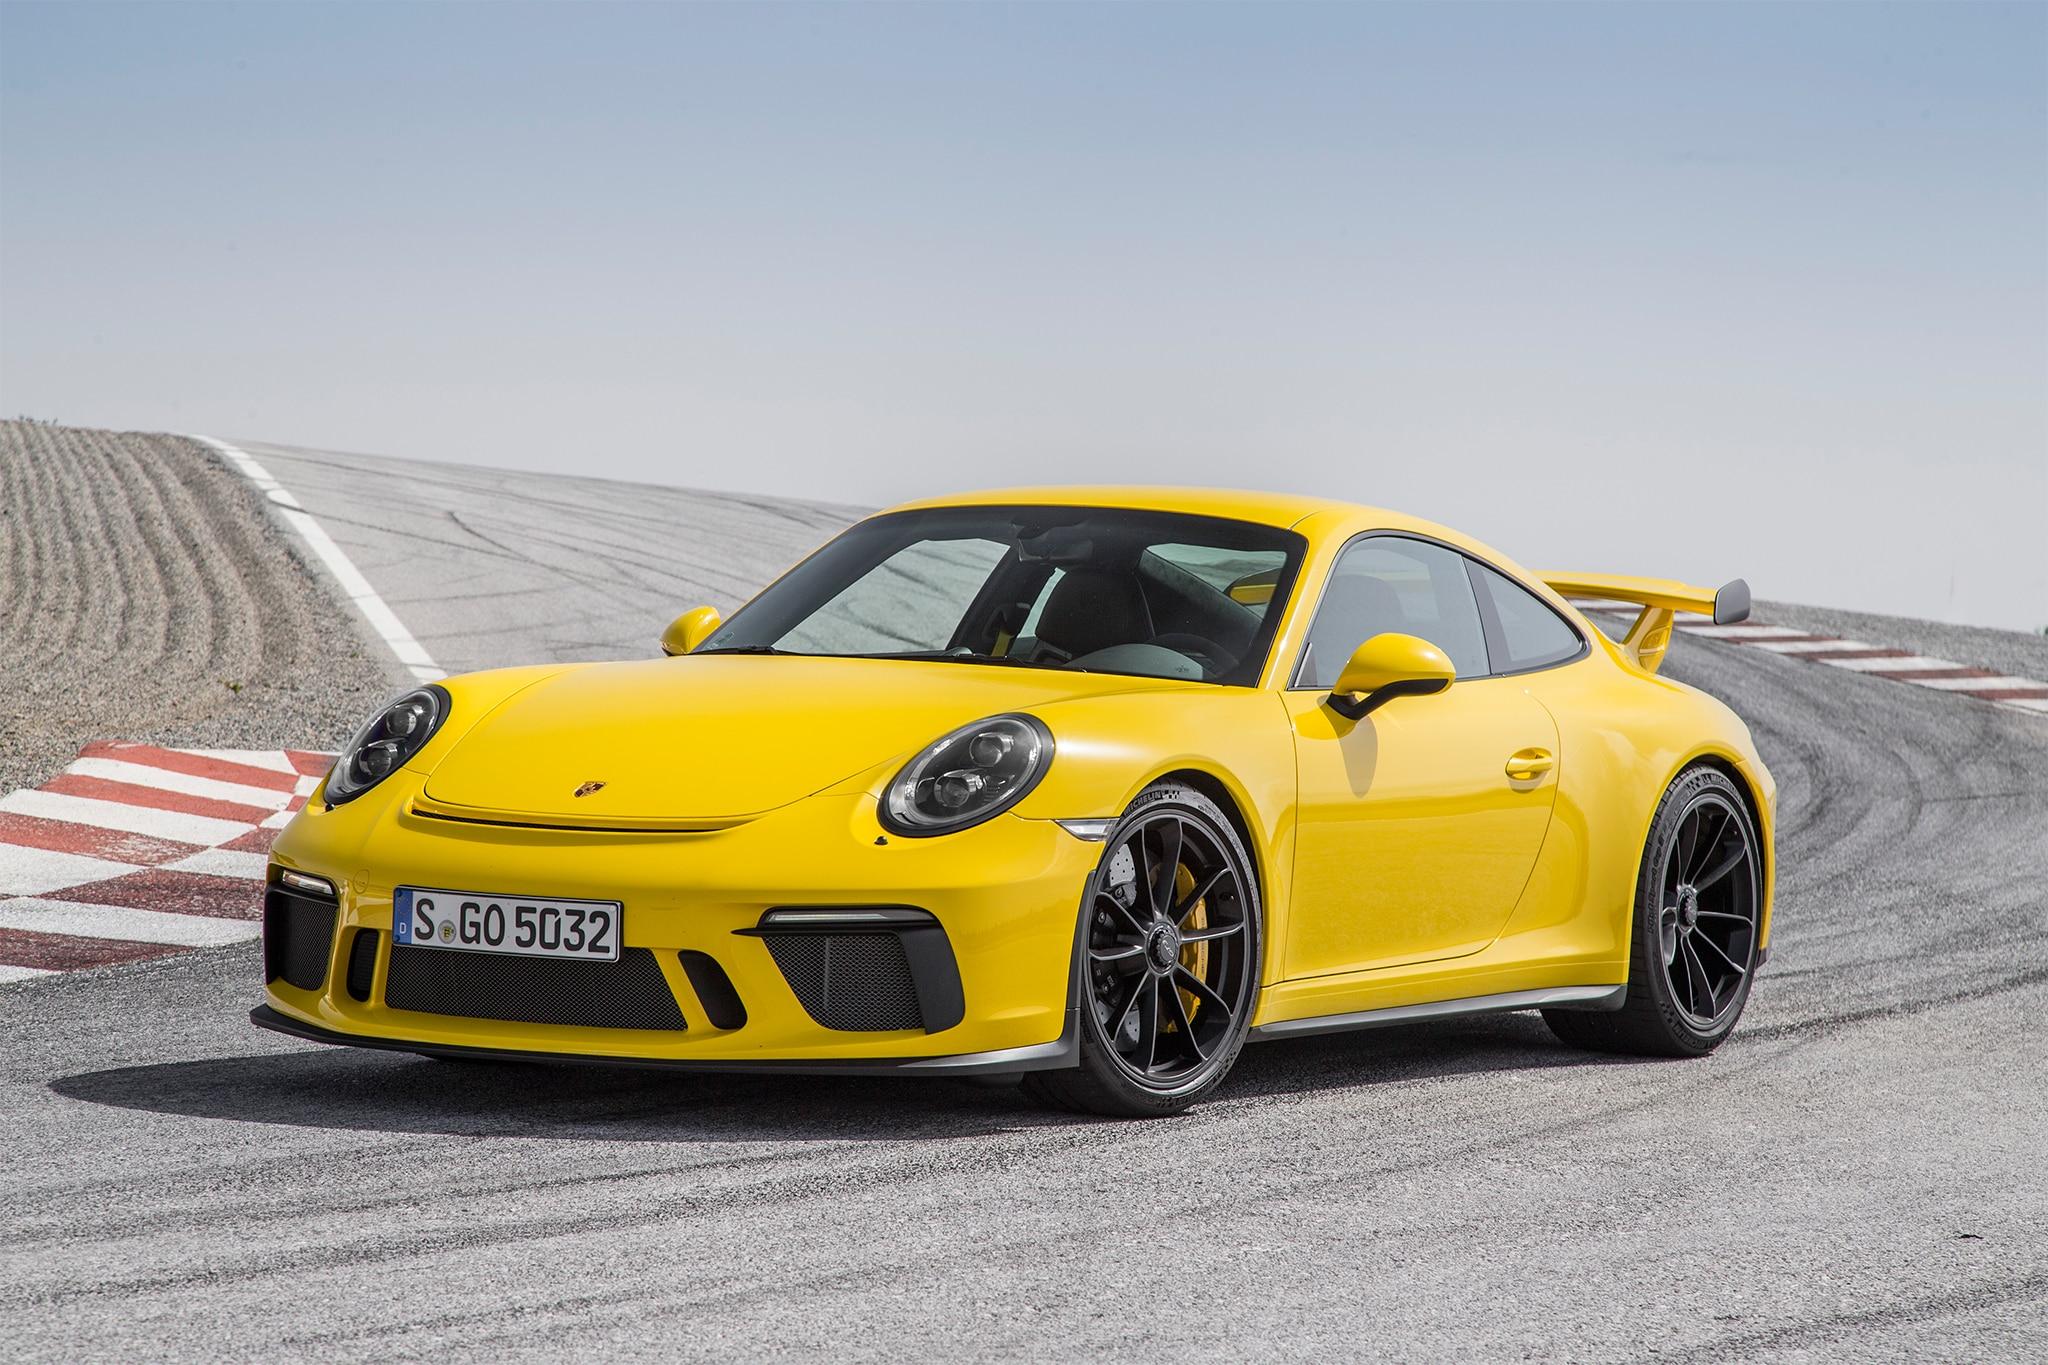 Honda S2000 Concept >> 2018 Porsche 911 GT3 First Drive Review | Automobile Magazine